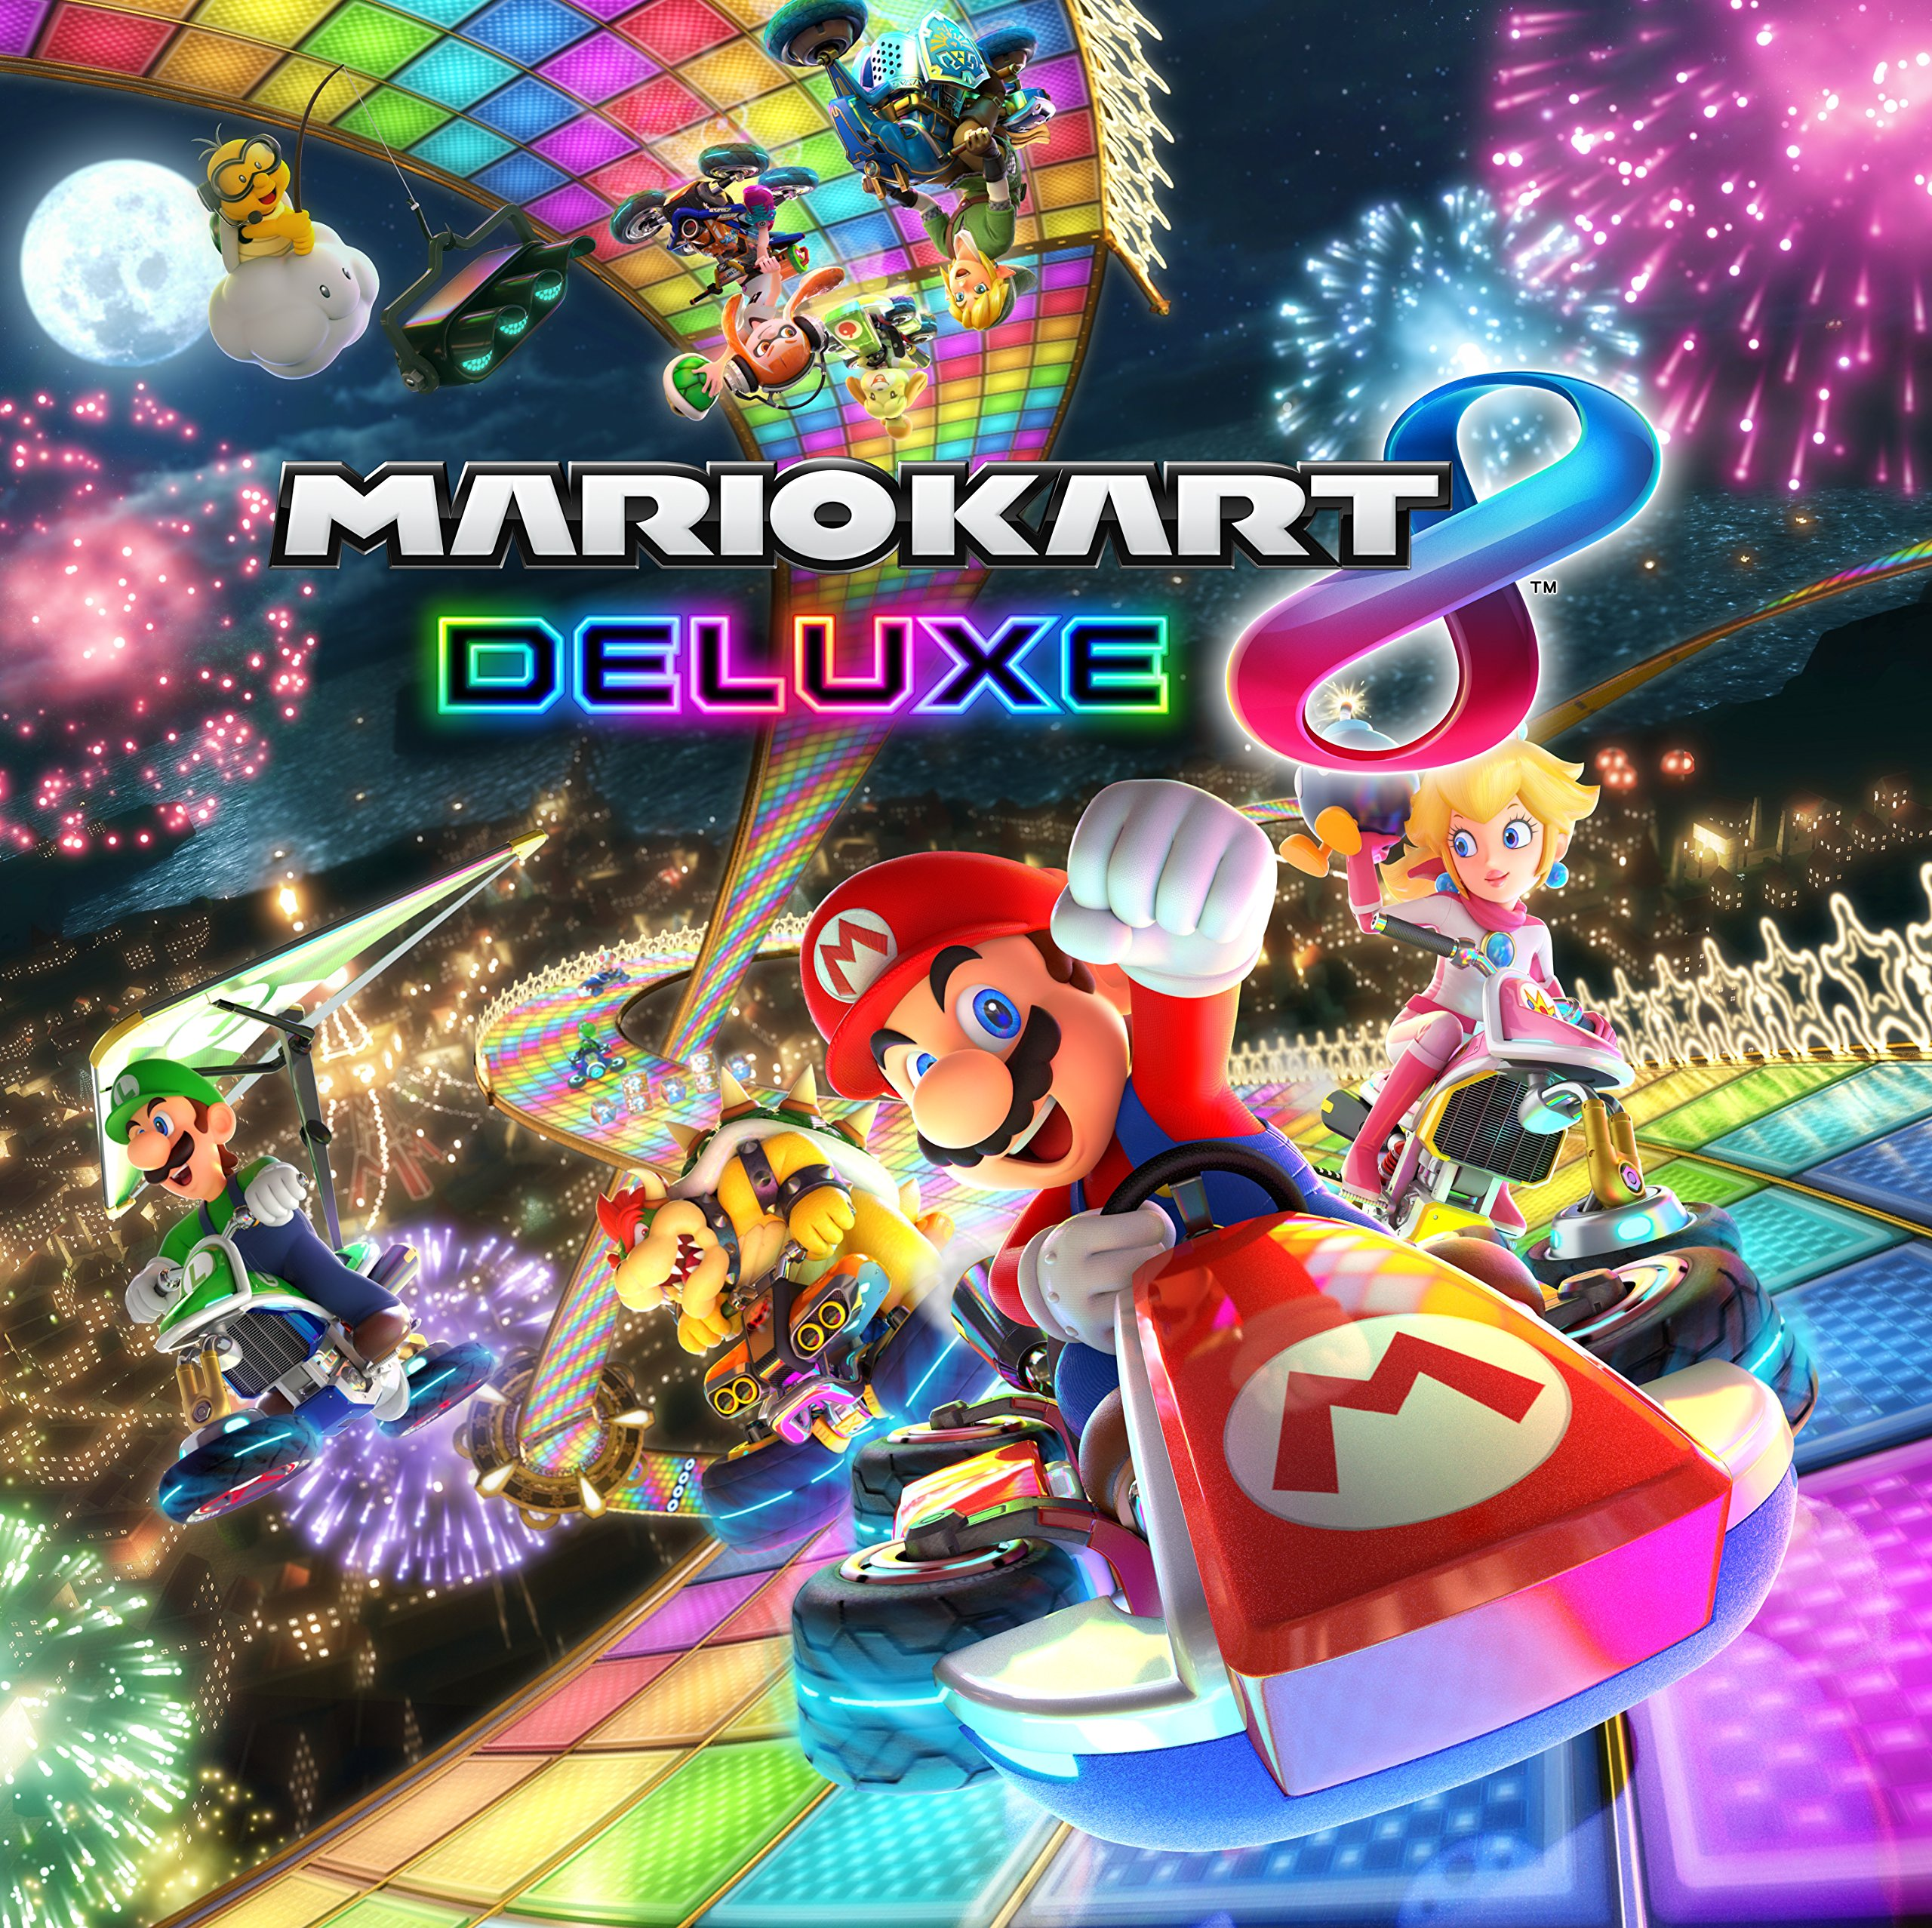 Buy Mario Kart 8 Deluxe Now!